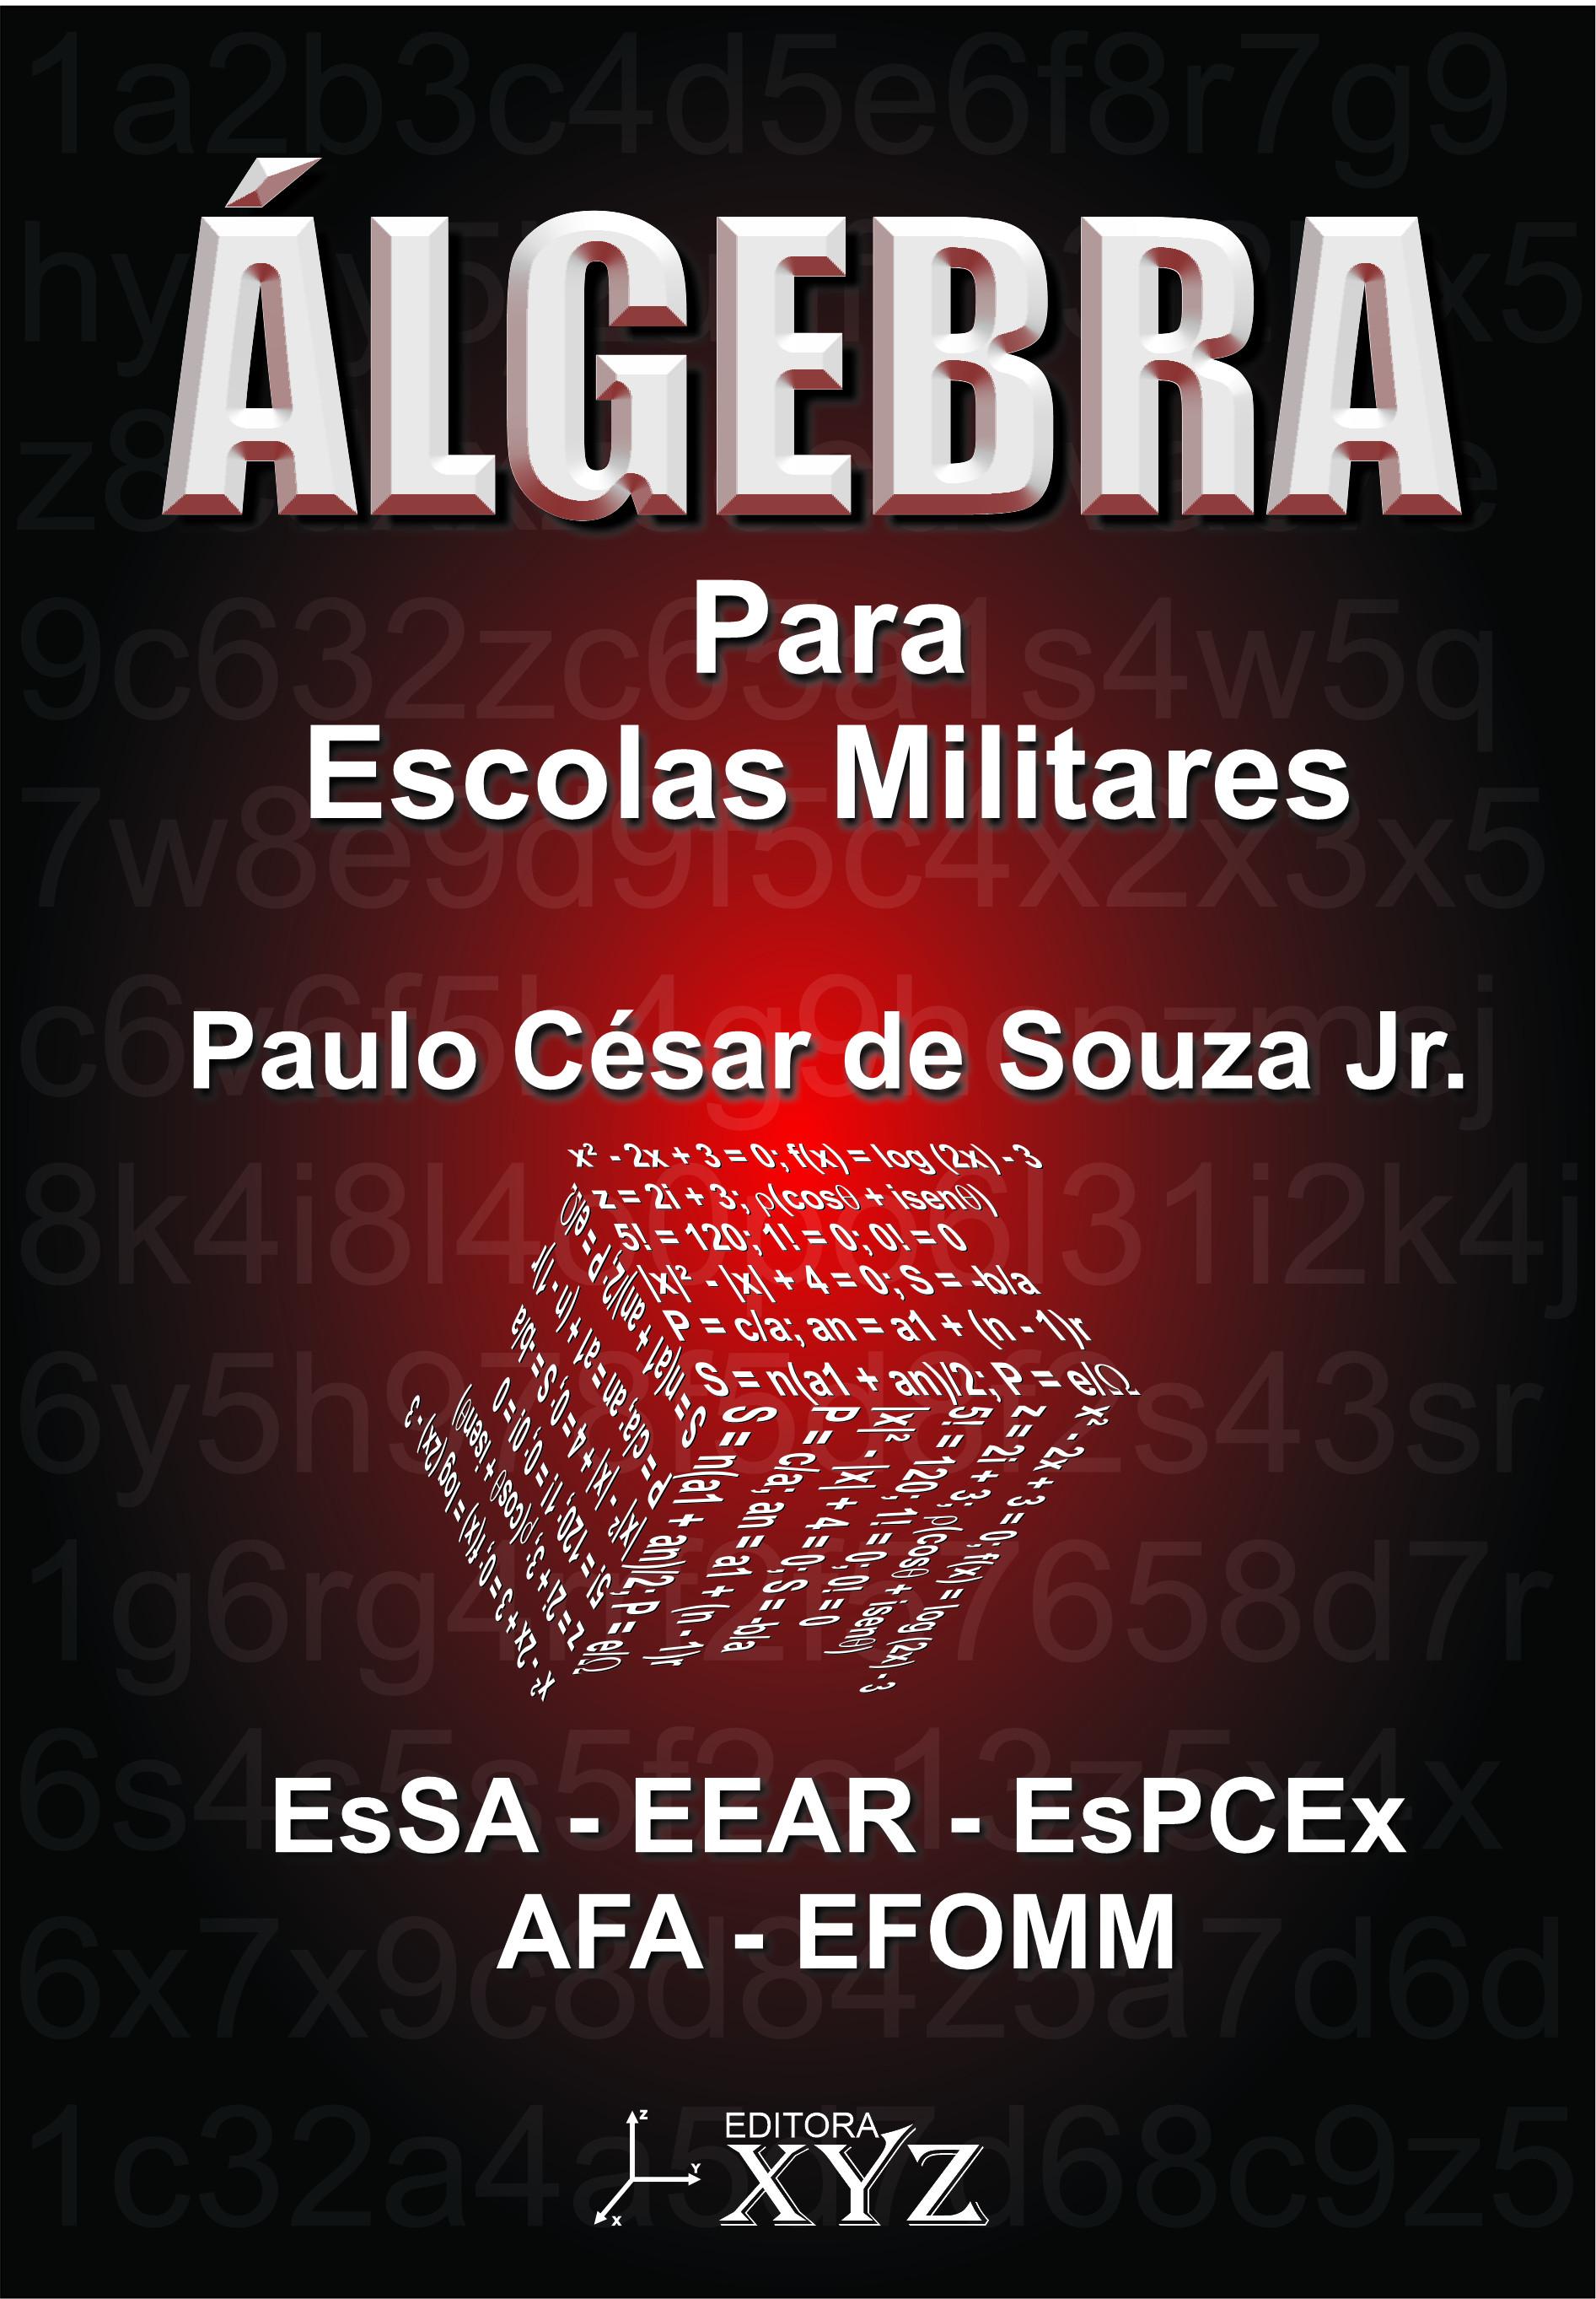 ÁLGEBRA PARA ESCOLAS MILITARES